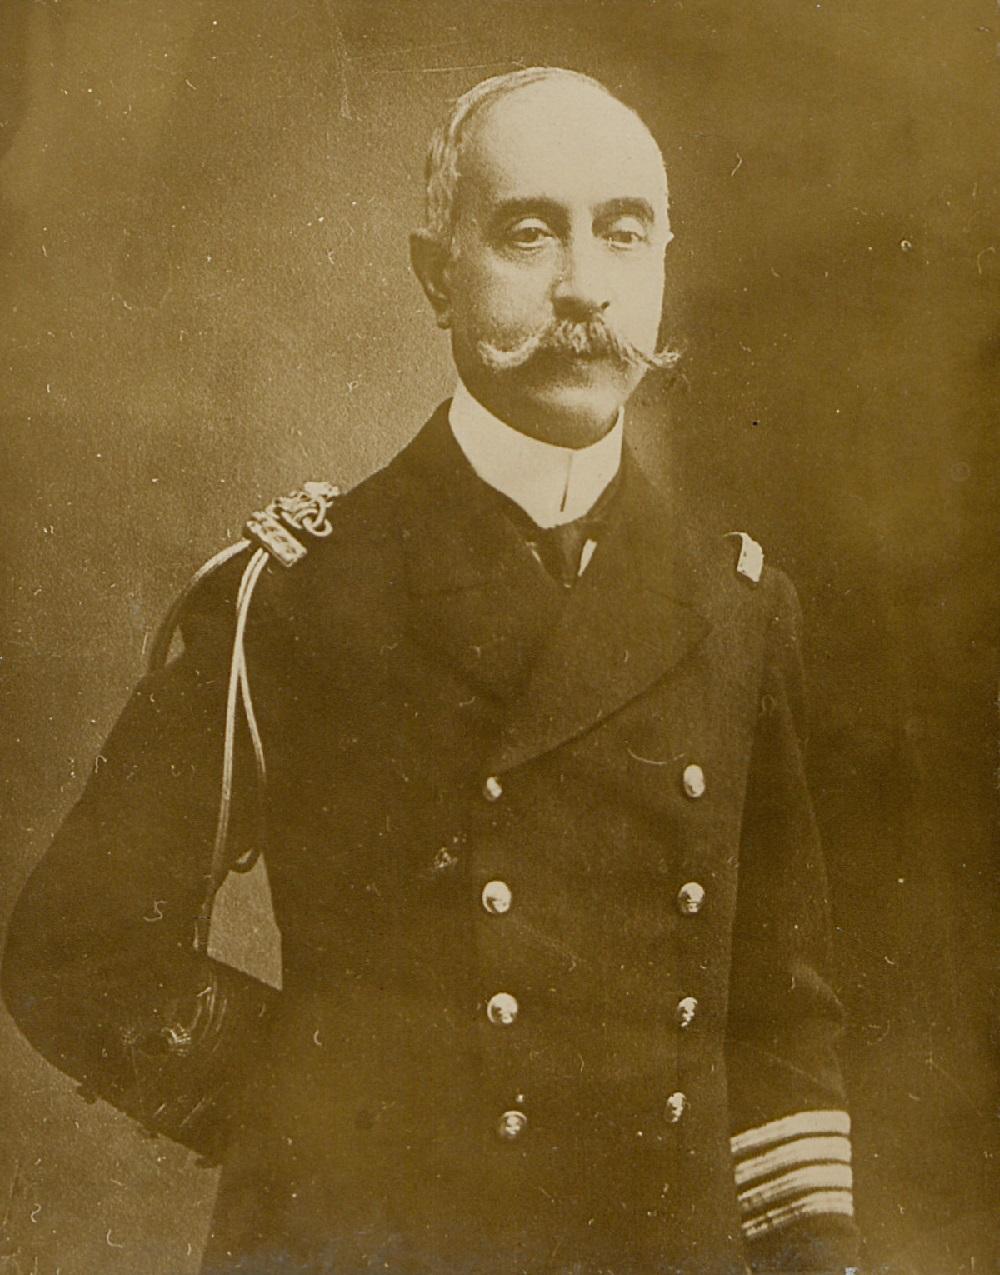 Адмирал Павлос Кунтуриотис